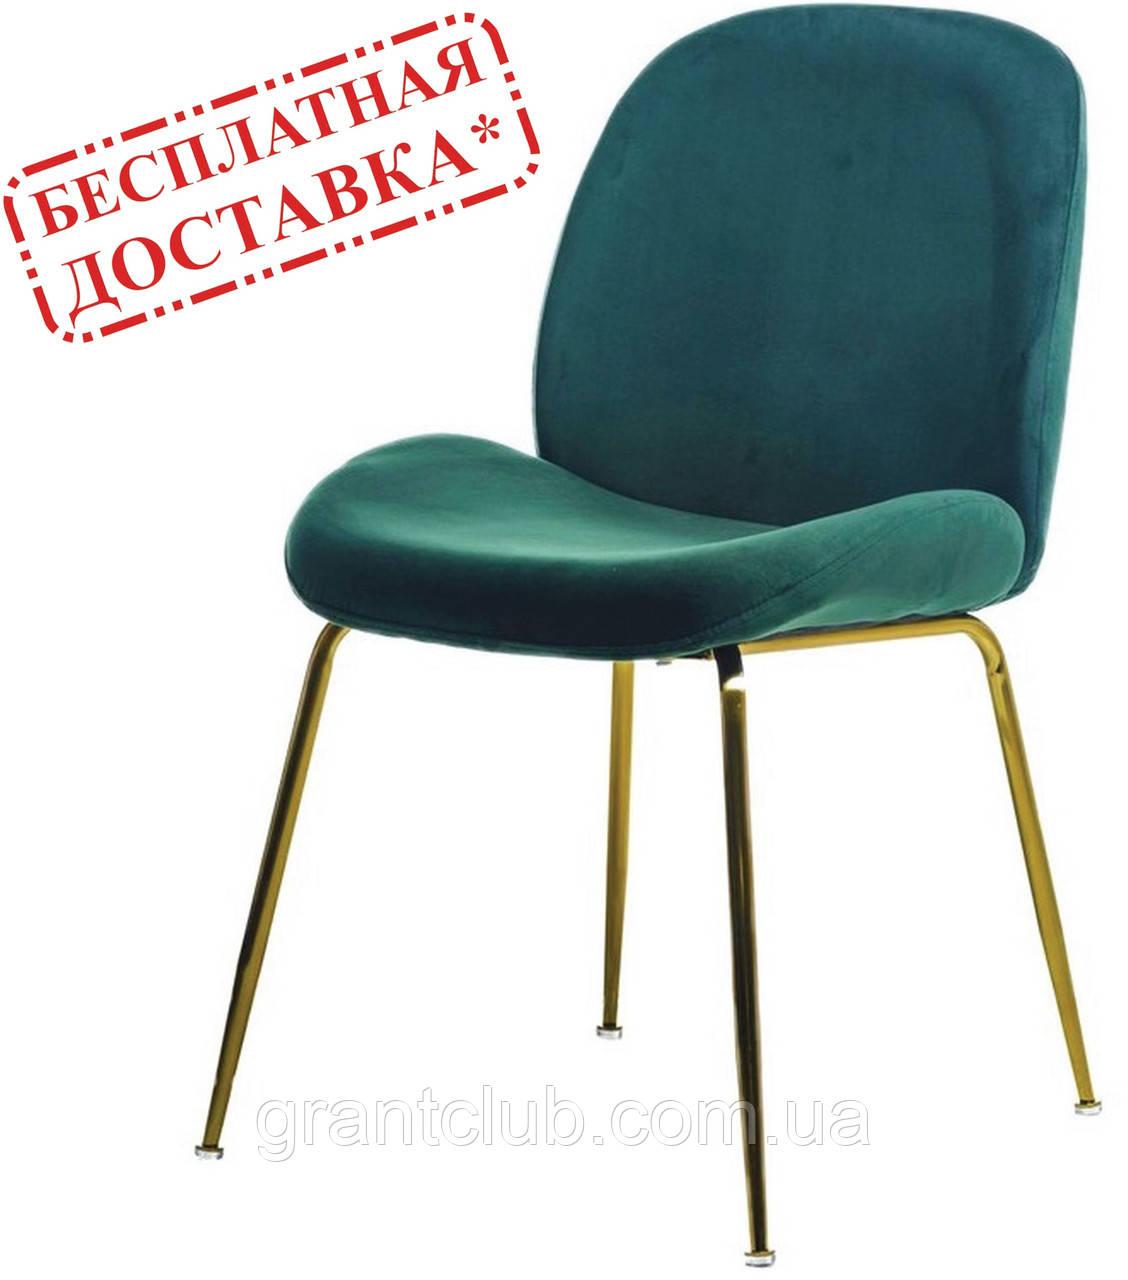 Мягкий стул M-32-3 изумруд велюр (бесплатная доставка)